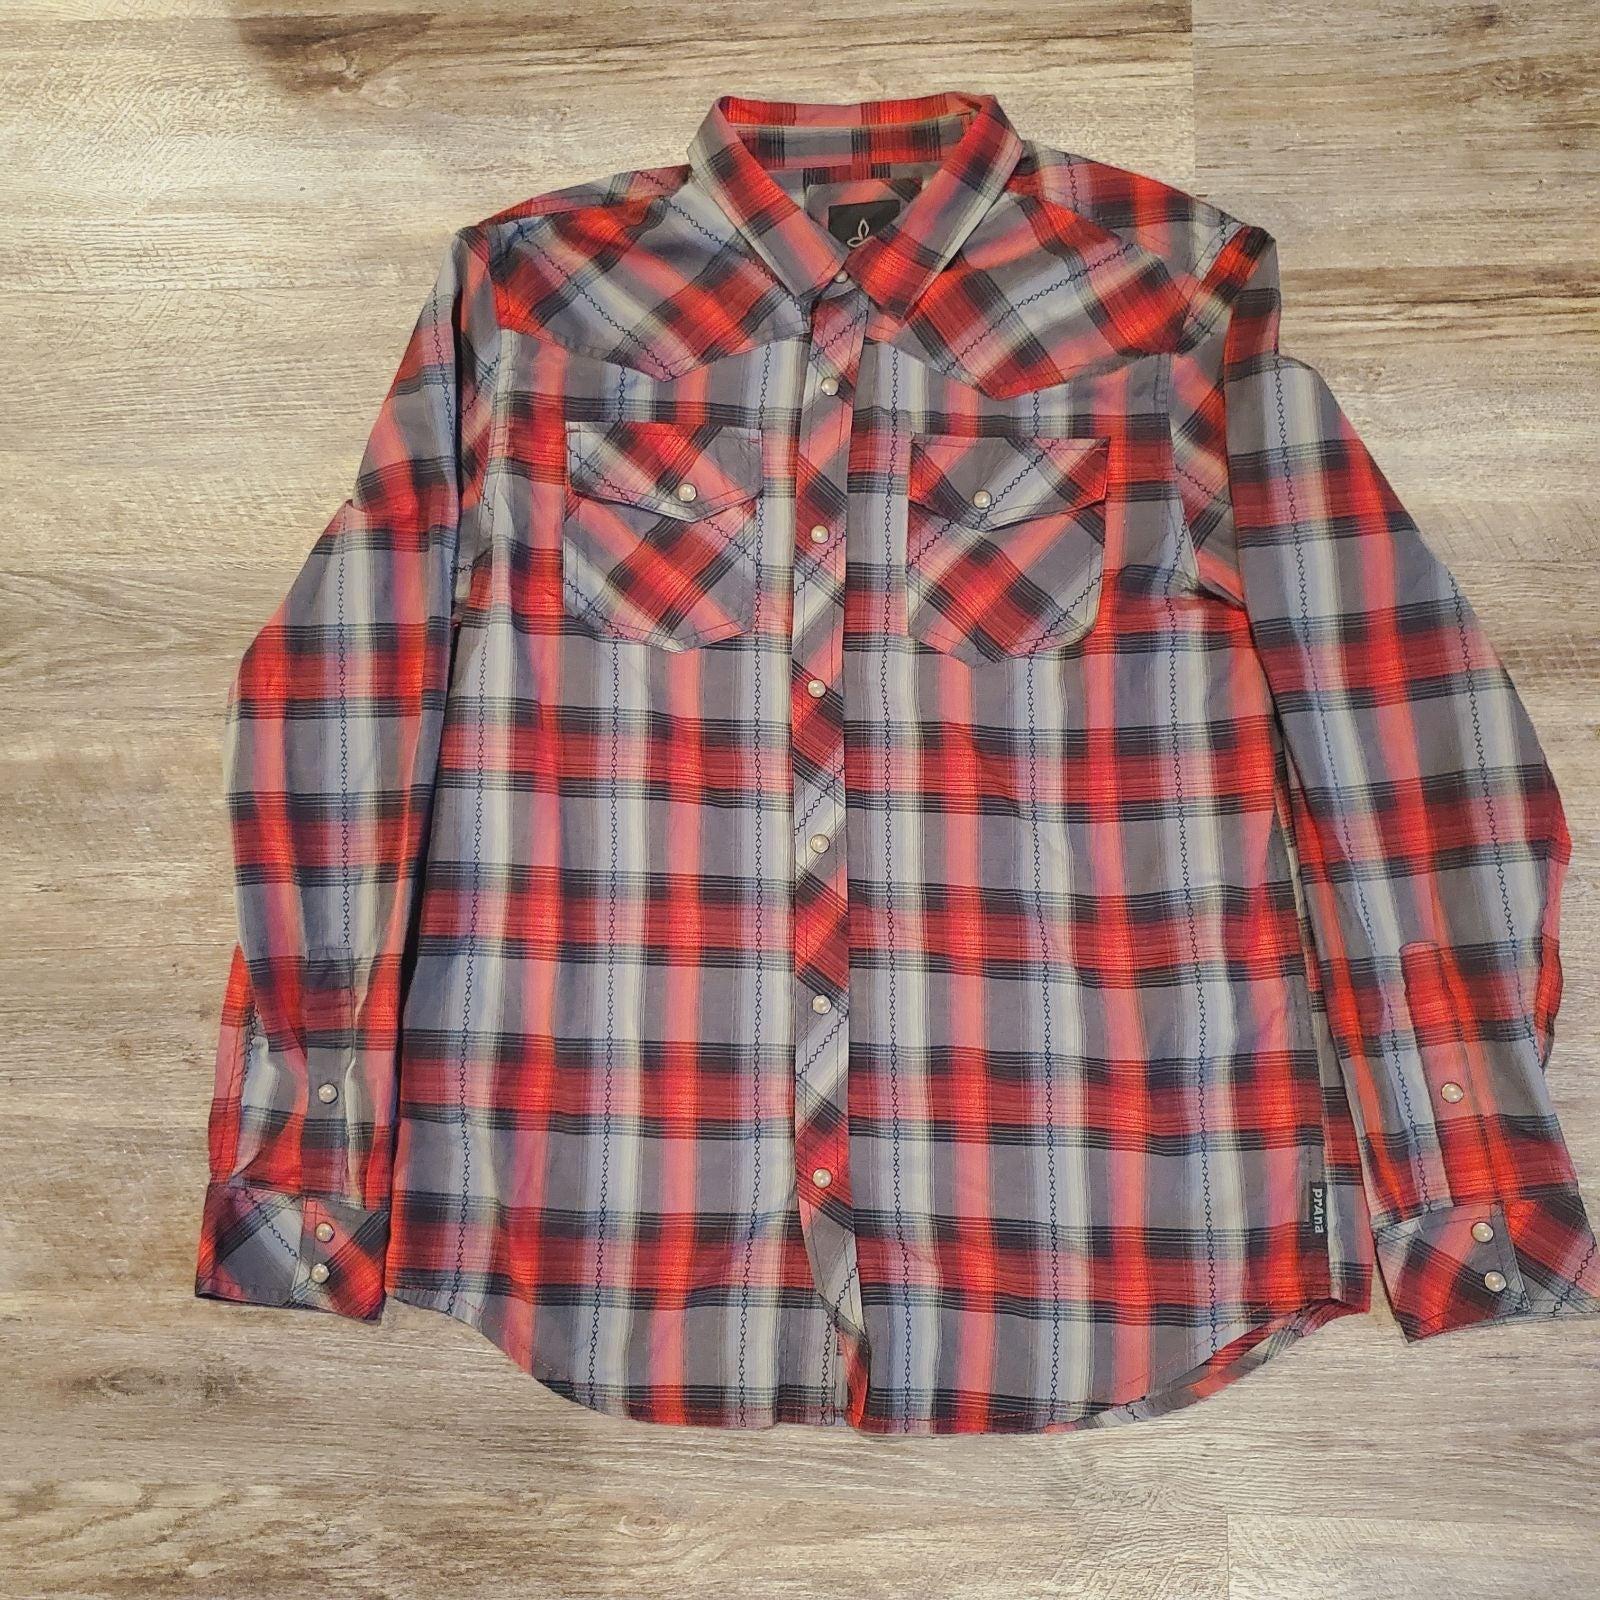 Prana Men's Button Down Shirt